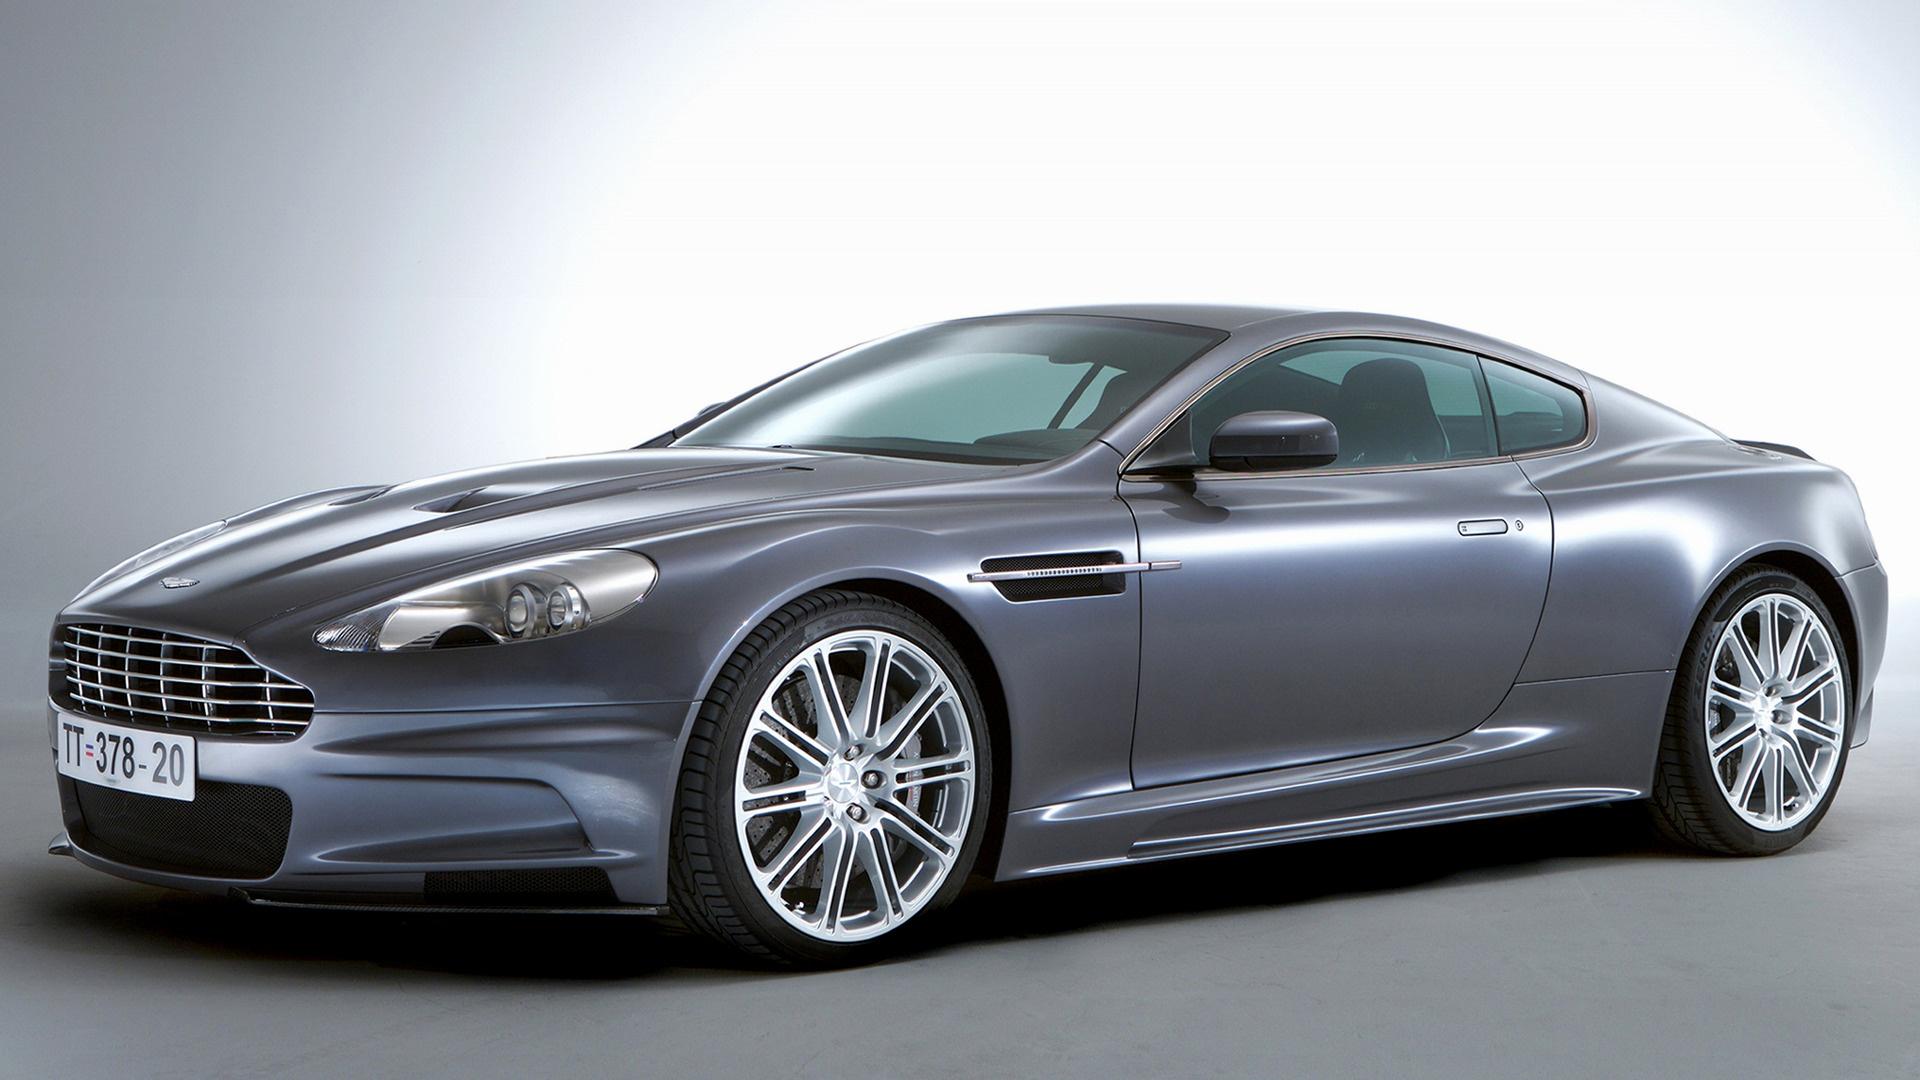 2006 Aston Martin Dbs 007 Casino Royale Hintergrundbilder Und Wallpaper In Hd Car Pixel